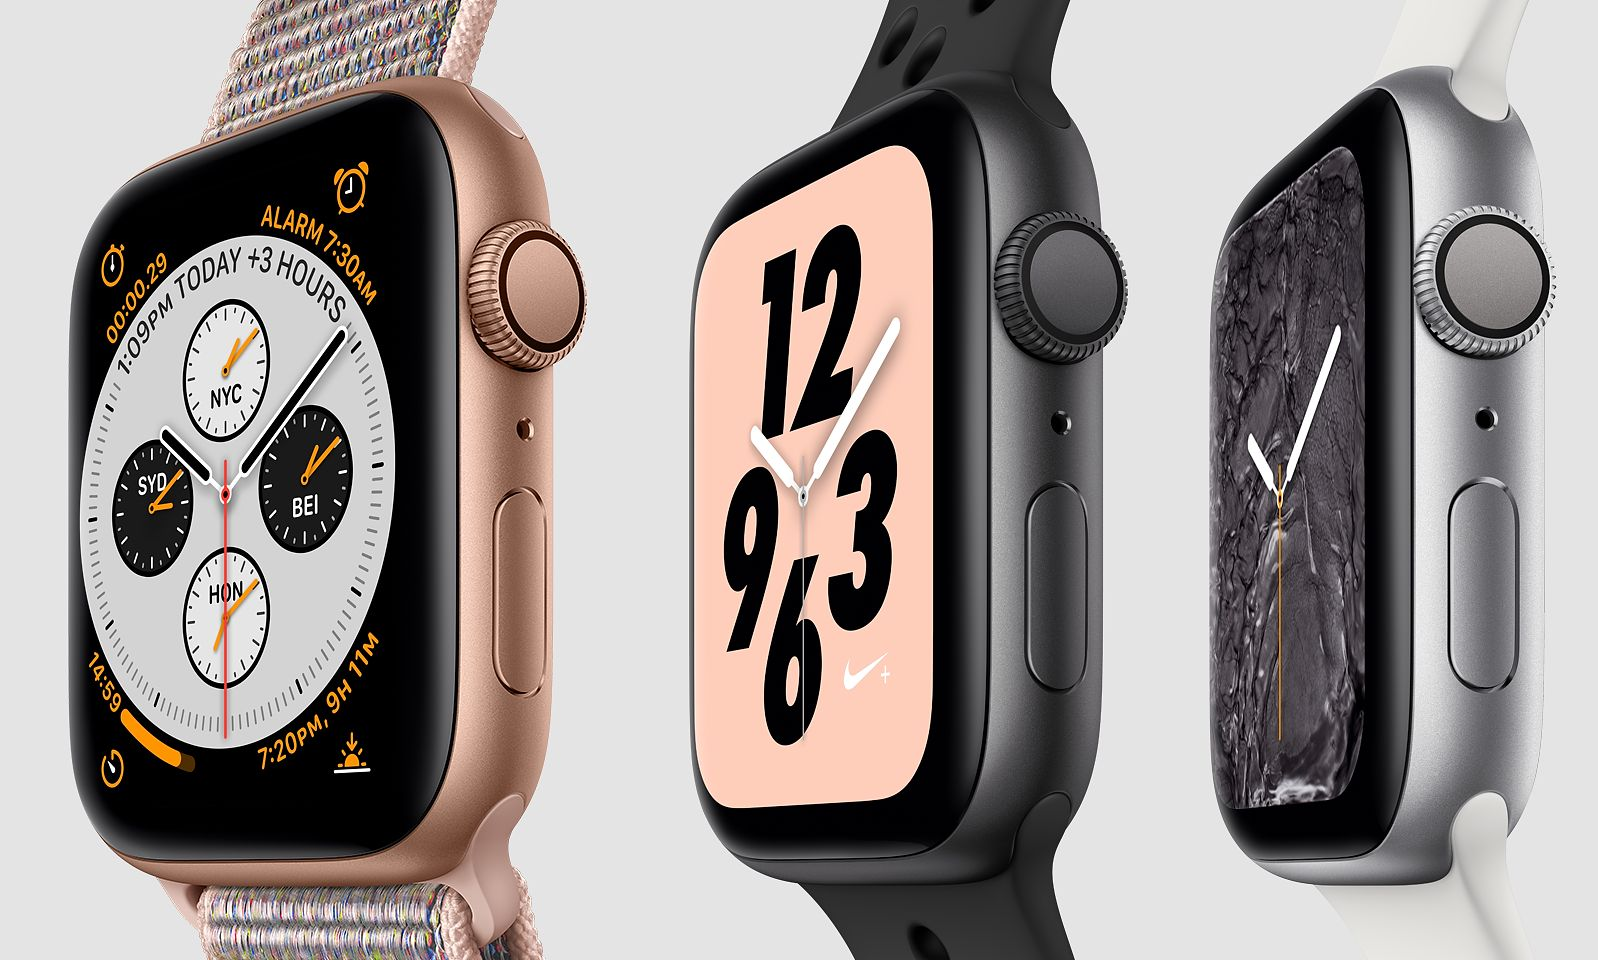 Apple Watch series 4 3 LTE Cellular gdzie kupić najtaniej w Polsce opinie cena Orange Polska eSIM